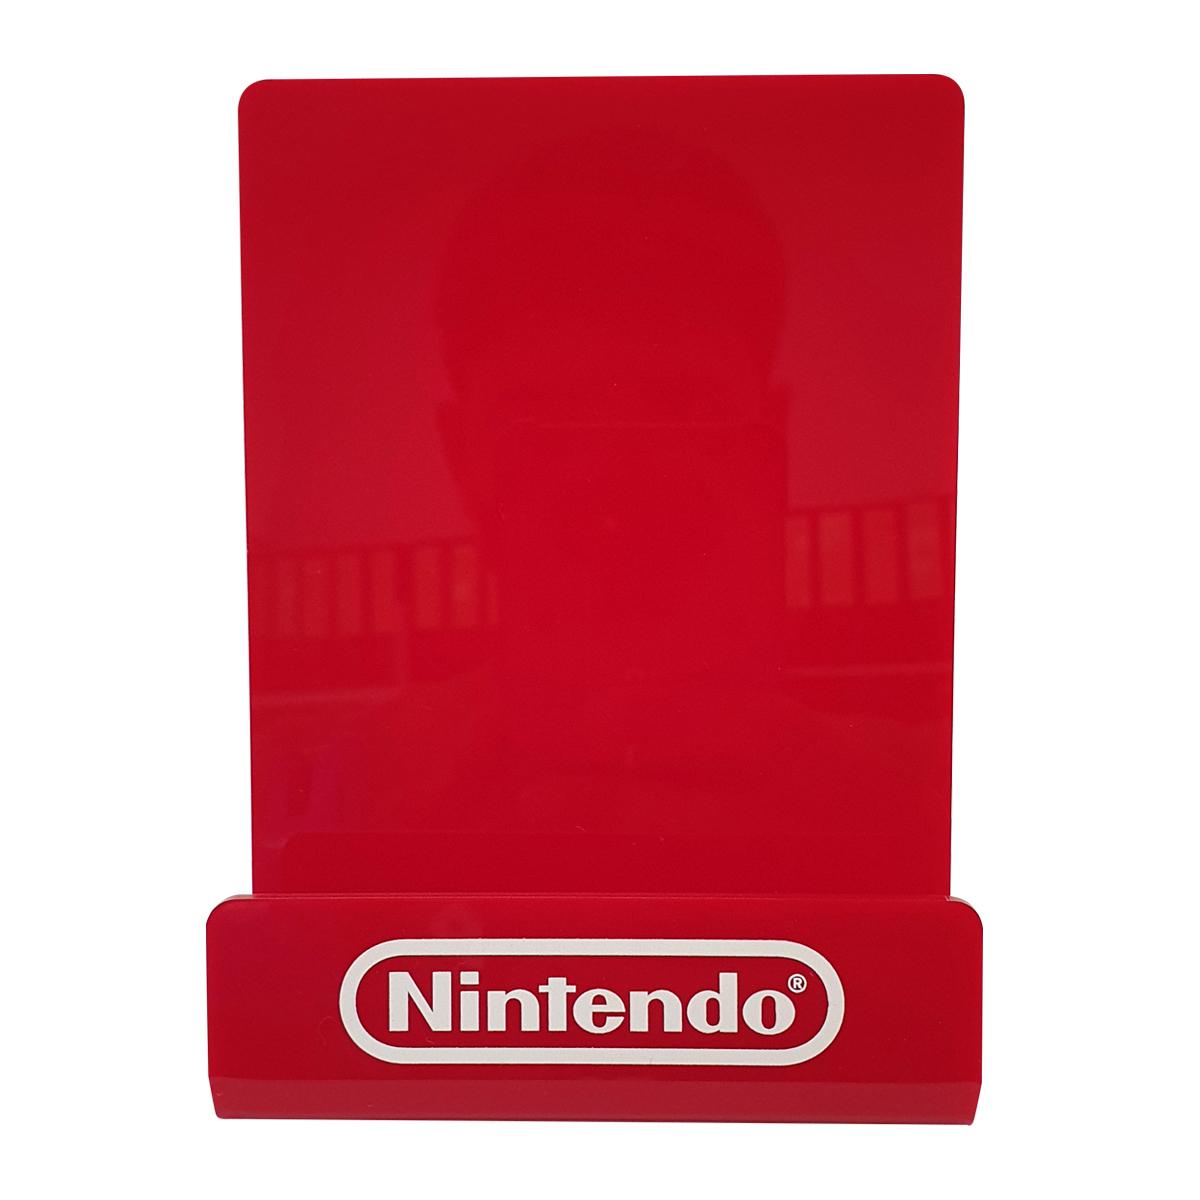 ขาตั้งสำหรับ Nintendo Switch (สีแดง) รุ่น Acrylic Stand